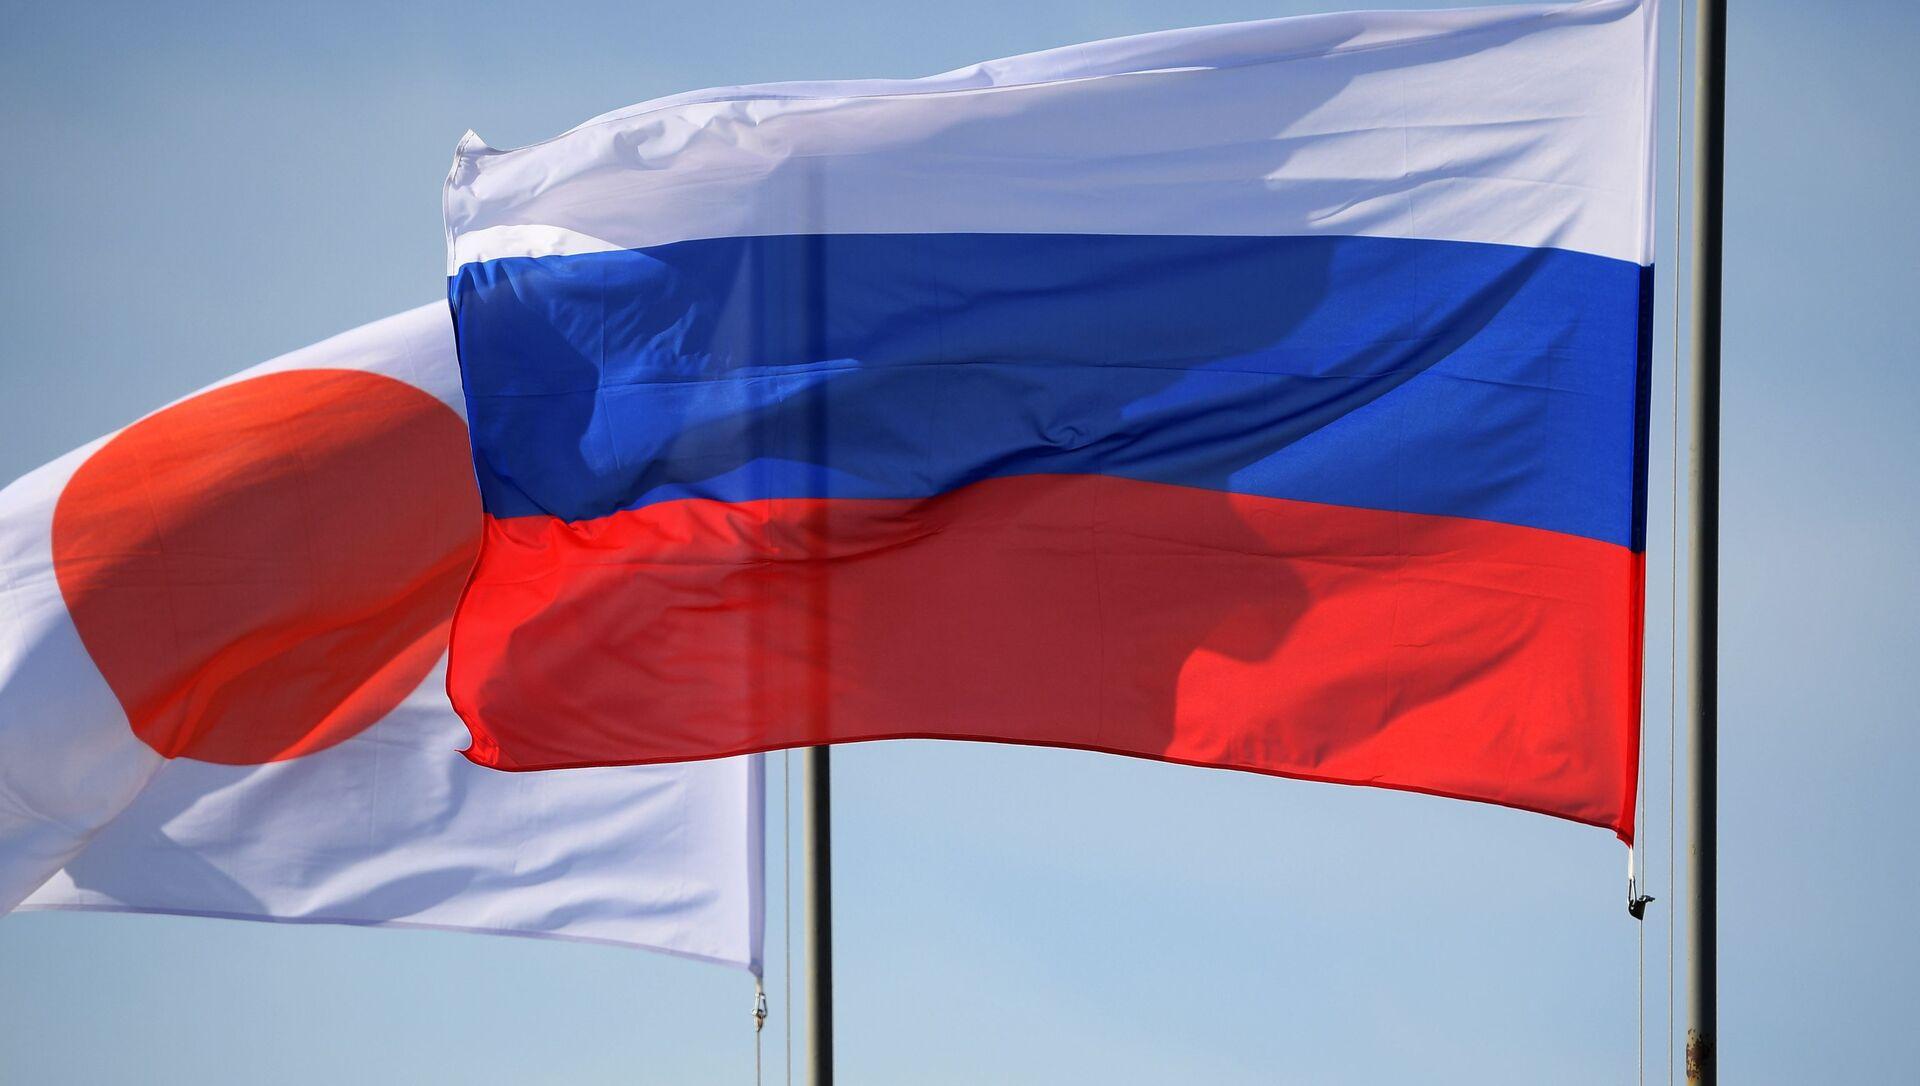 日本の旗とロシアの旗 - Sputnik 日本, 1920, 25.03.2021